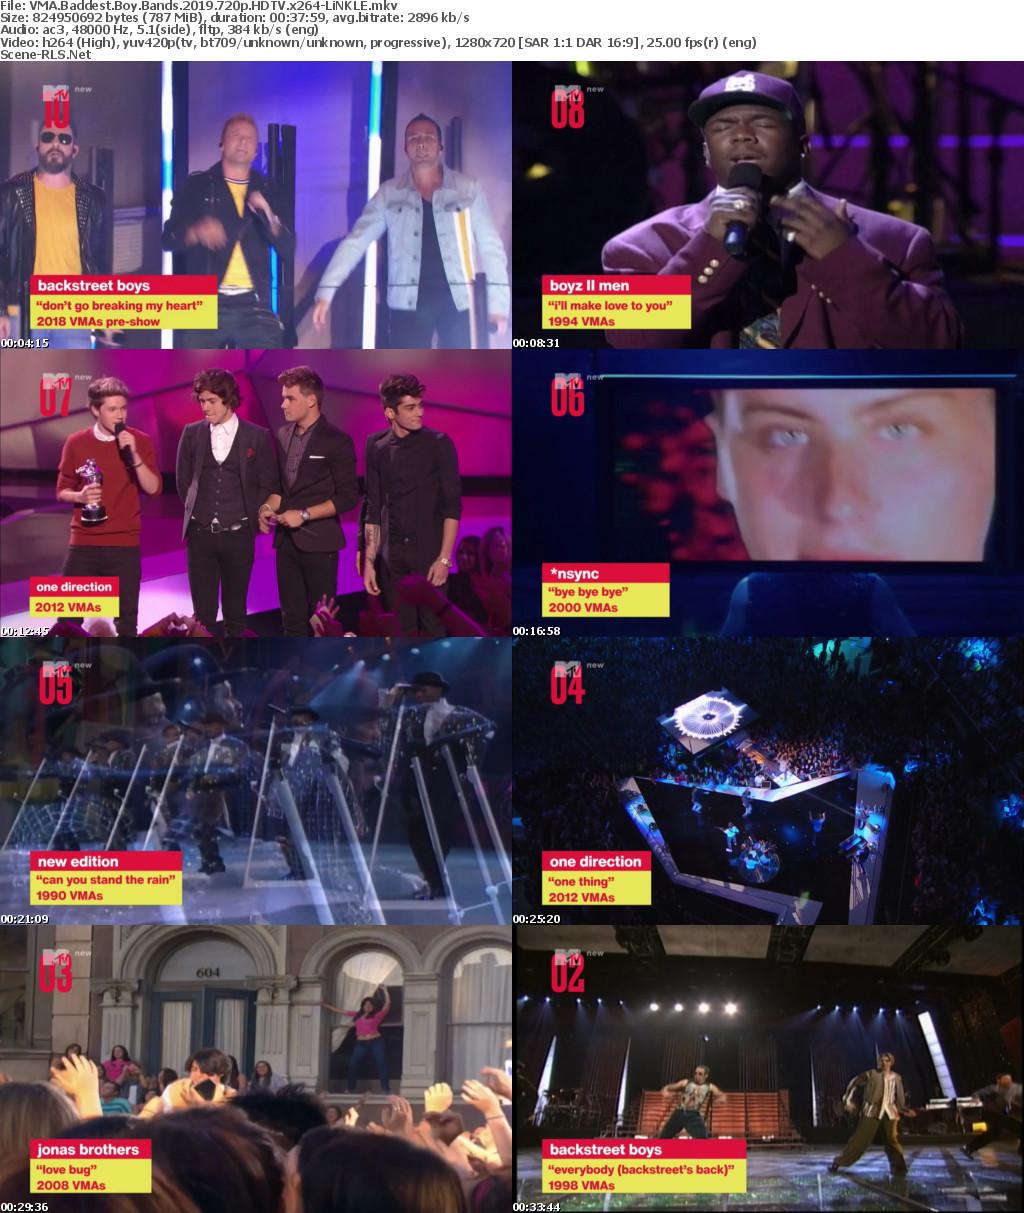 VMA Baddest Boy Bands 2019 1080p HDTV H264-LiNKLE - Scene